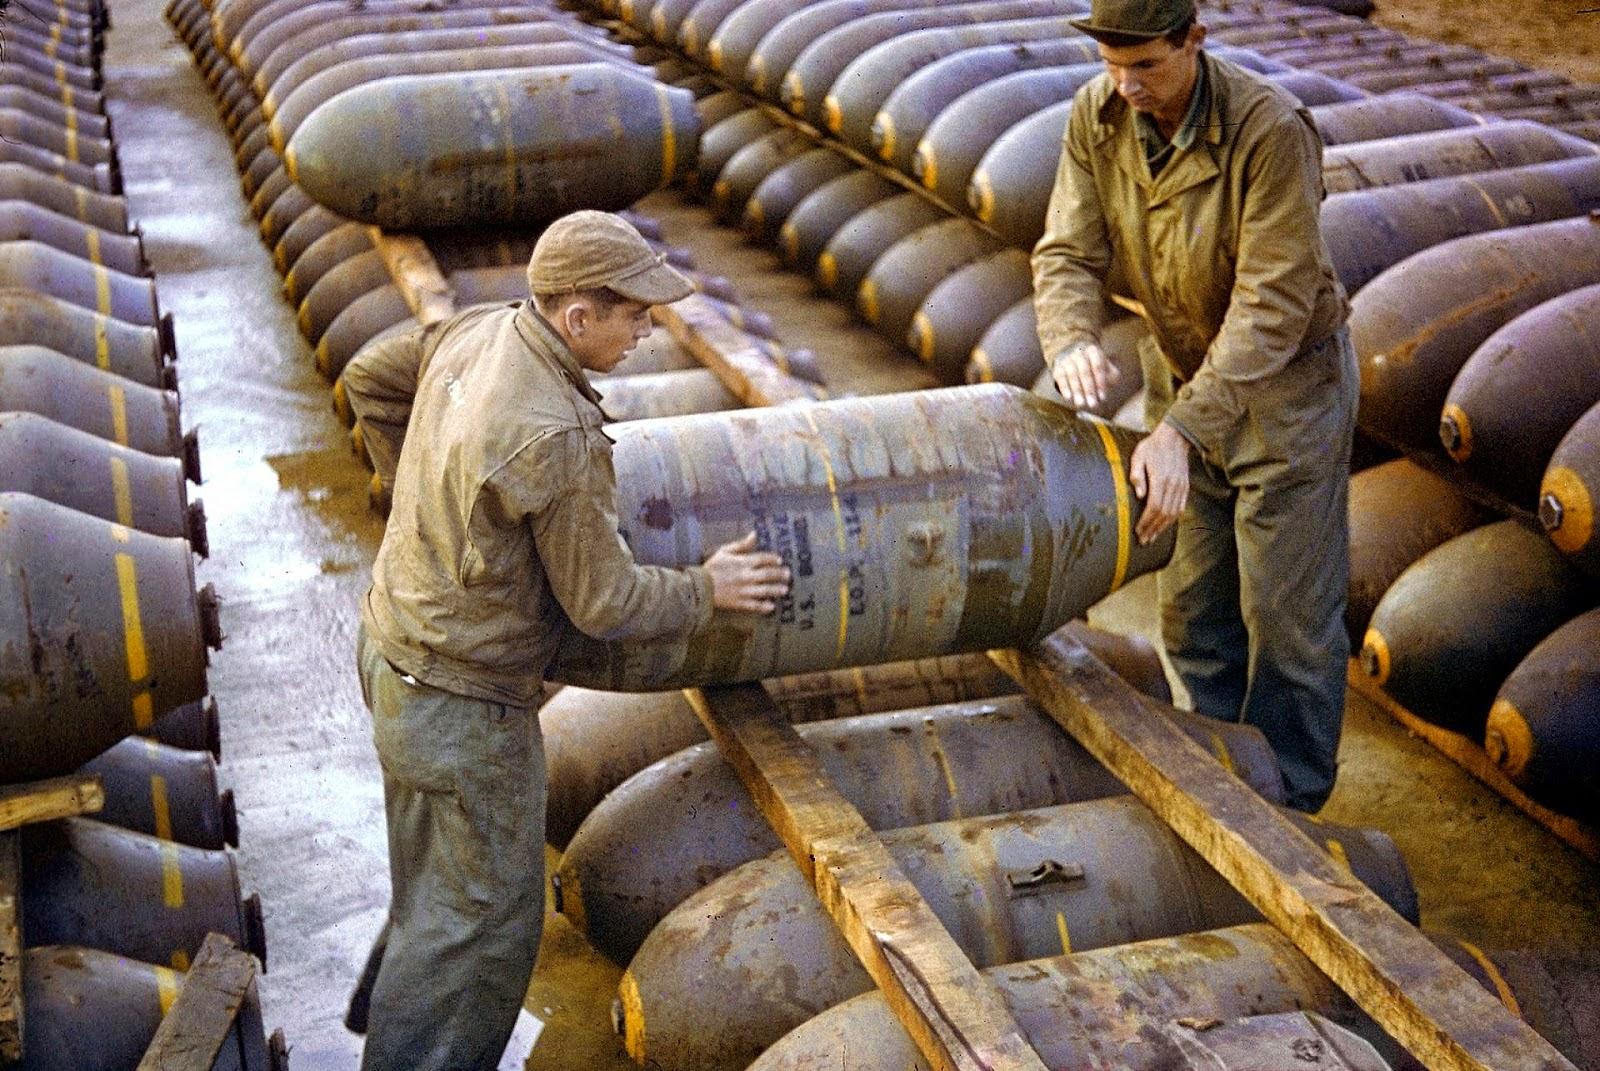 http://1.bp.blogspot.com/-oNT__Ic6HT4/VLaZvK5KGGI/AAAAAAABOJw/SFUNZaAJLQM/s1600/Rare+Color+Photographs+from+World+War+II+(10).jpg